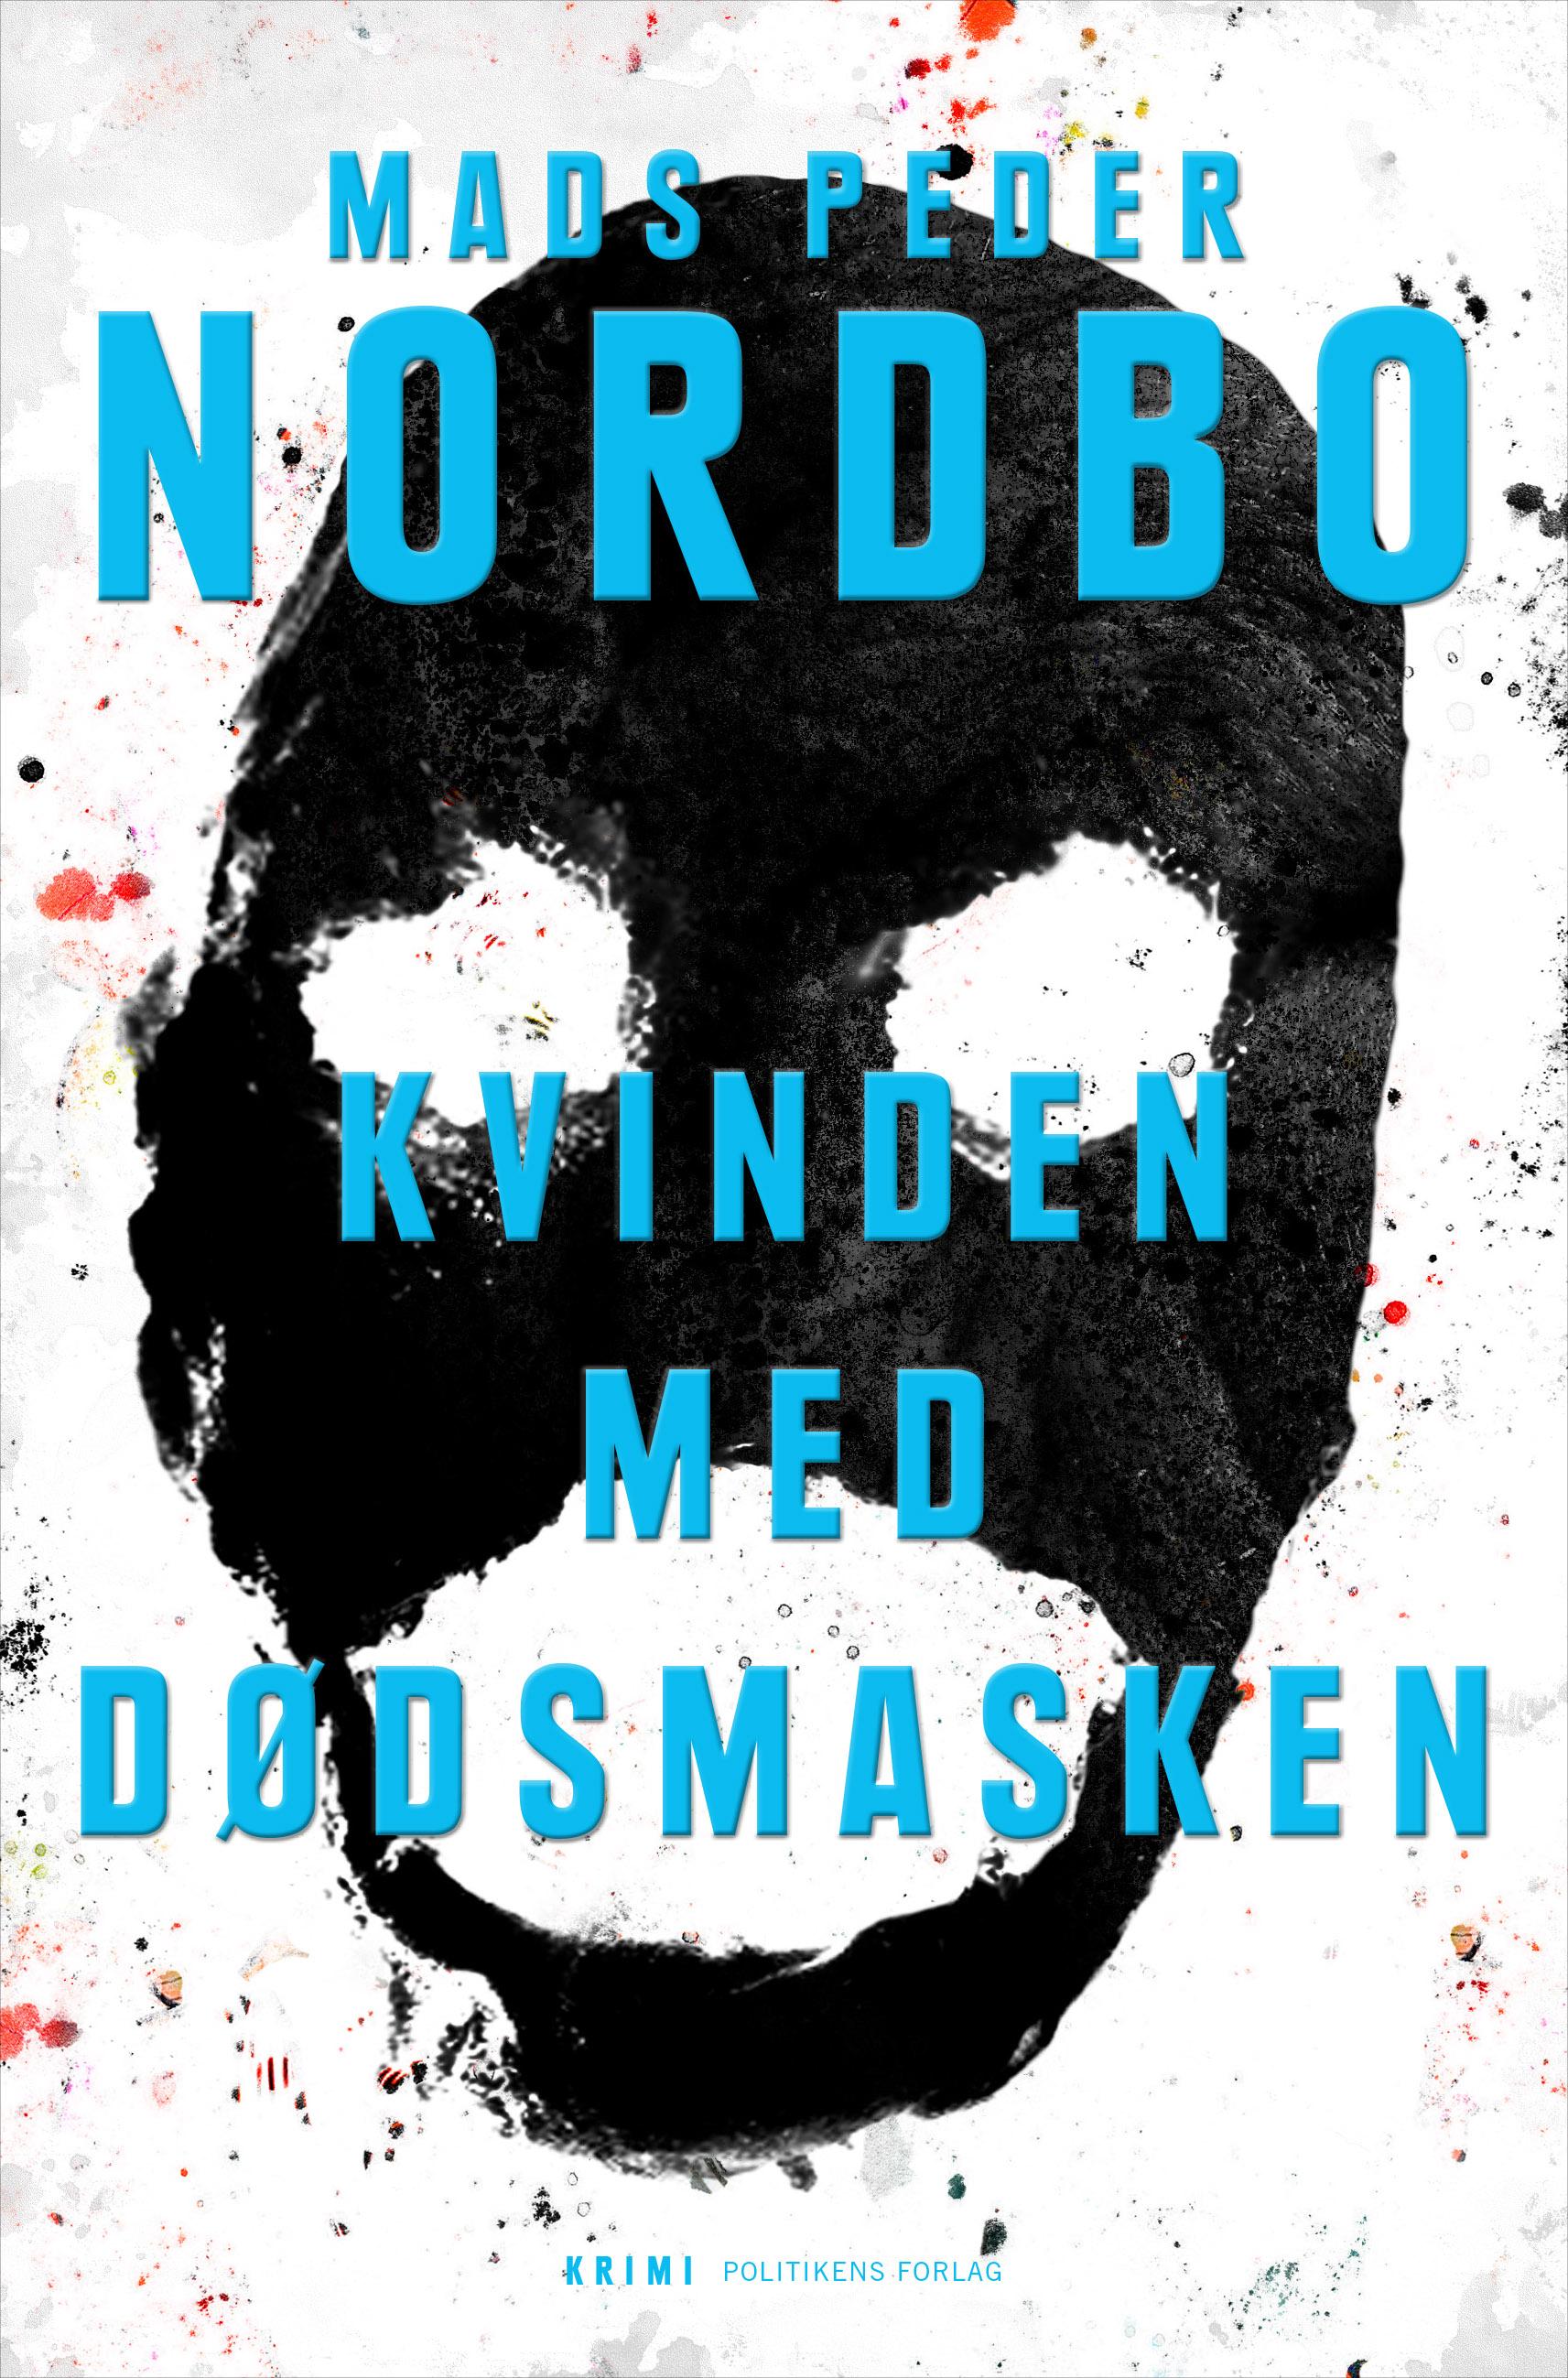 Kvinden med dødsmasken - Mads Peder Nordbo - Bøger - Politikens Forlag - 9788740050813 - August 16, 2019